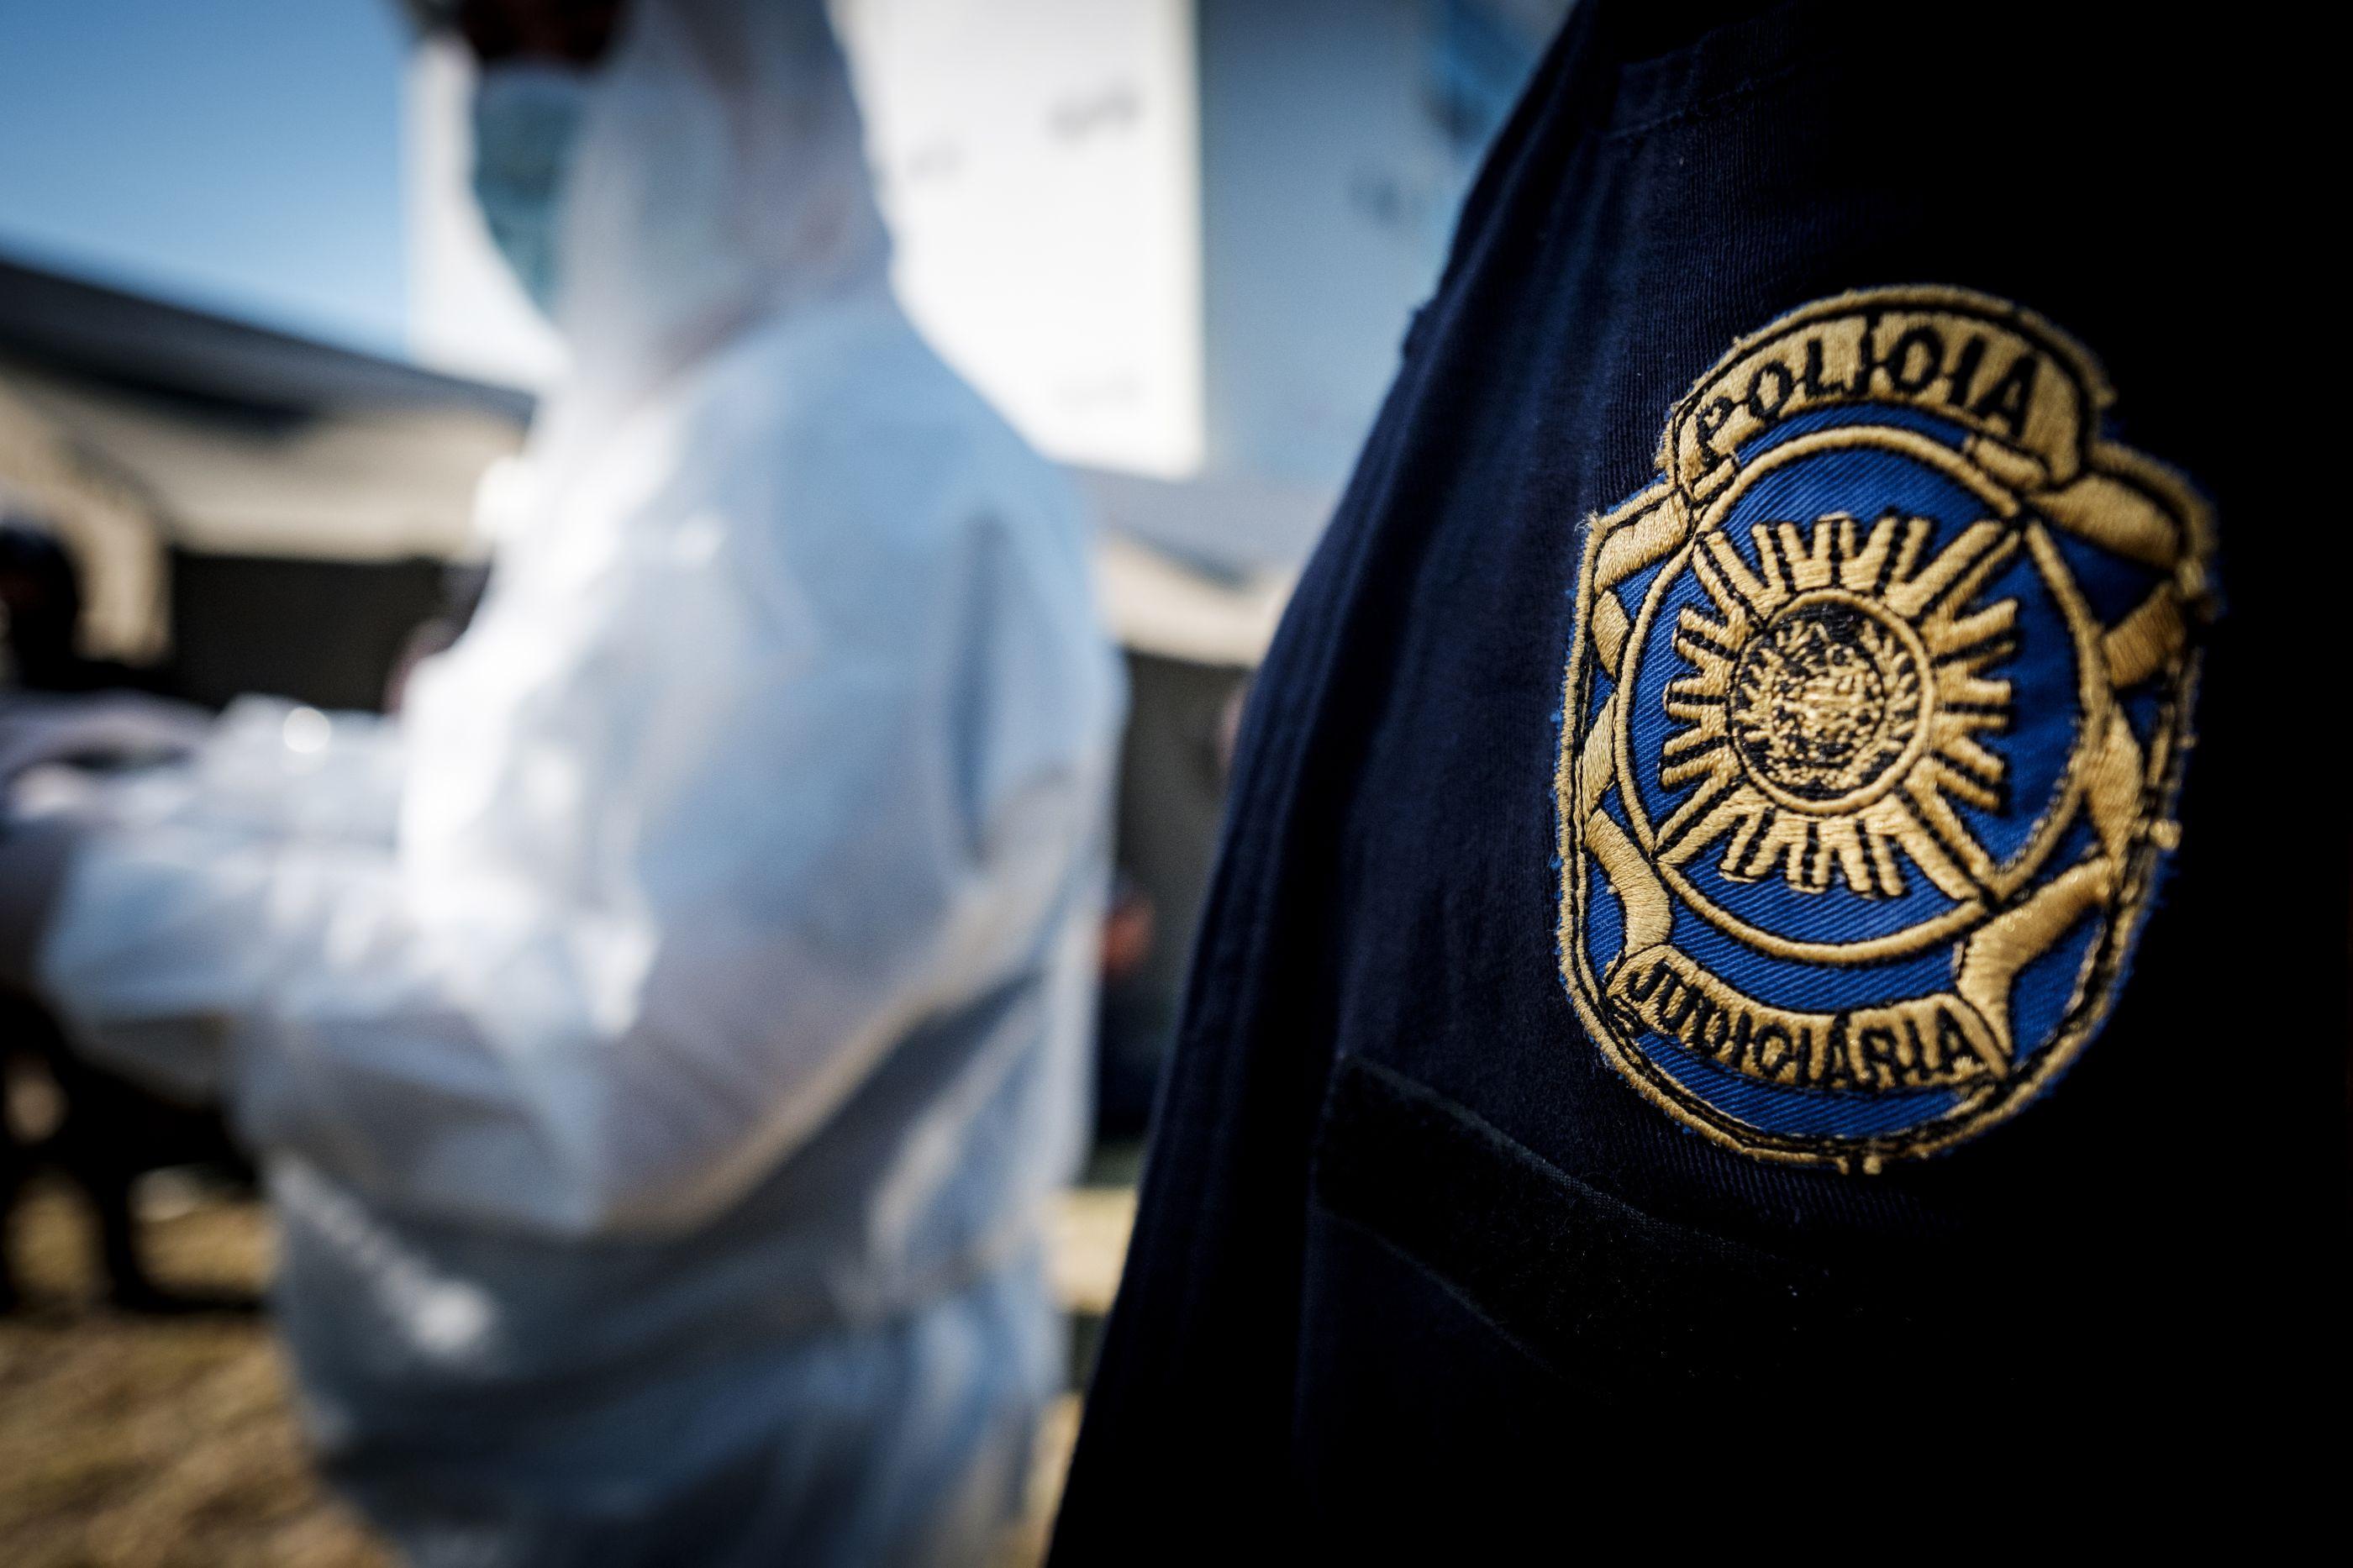 Judiciária investiga instituição privada de saúde em Oliveira do Hospital